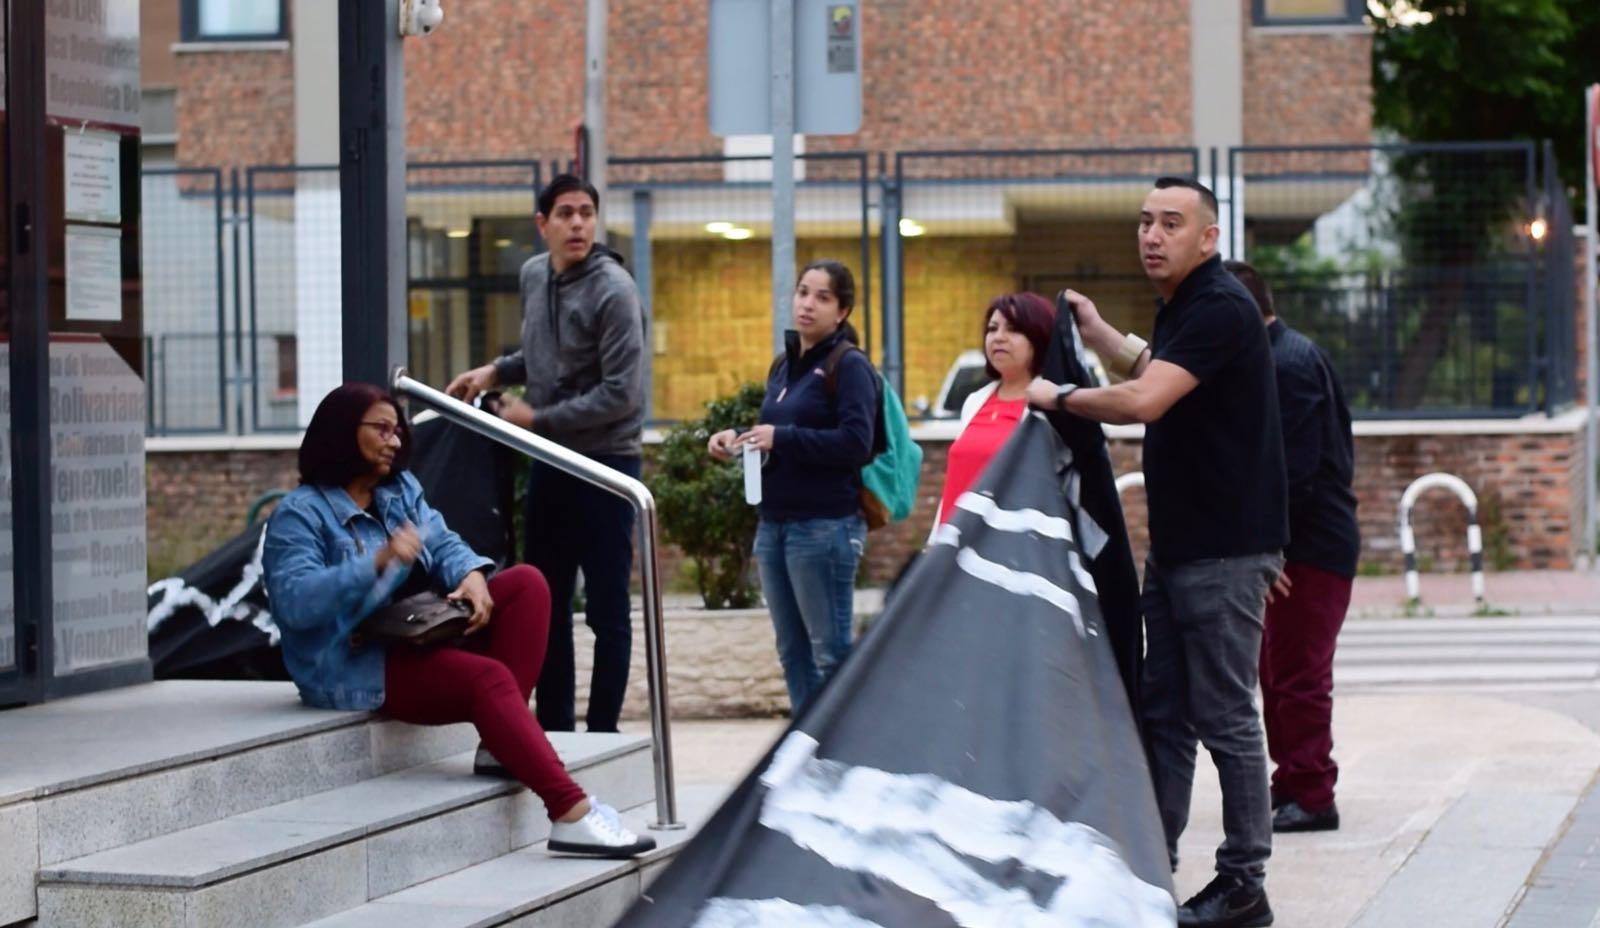 PROTESTA EN CONSULADO DE VZLA EN MADRID 17MAYO - 2